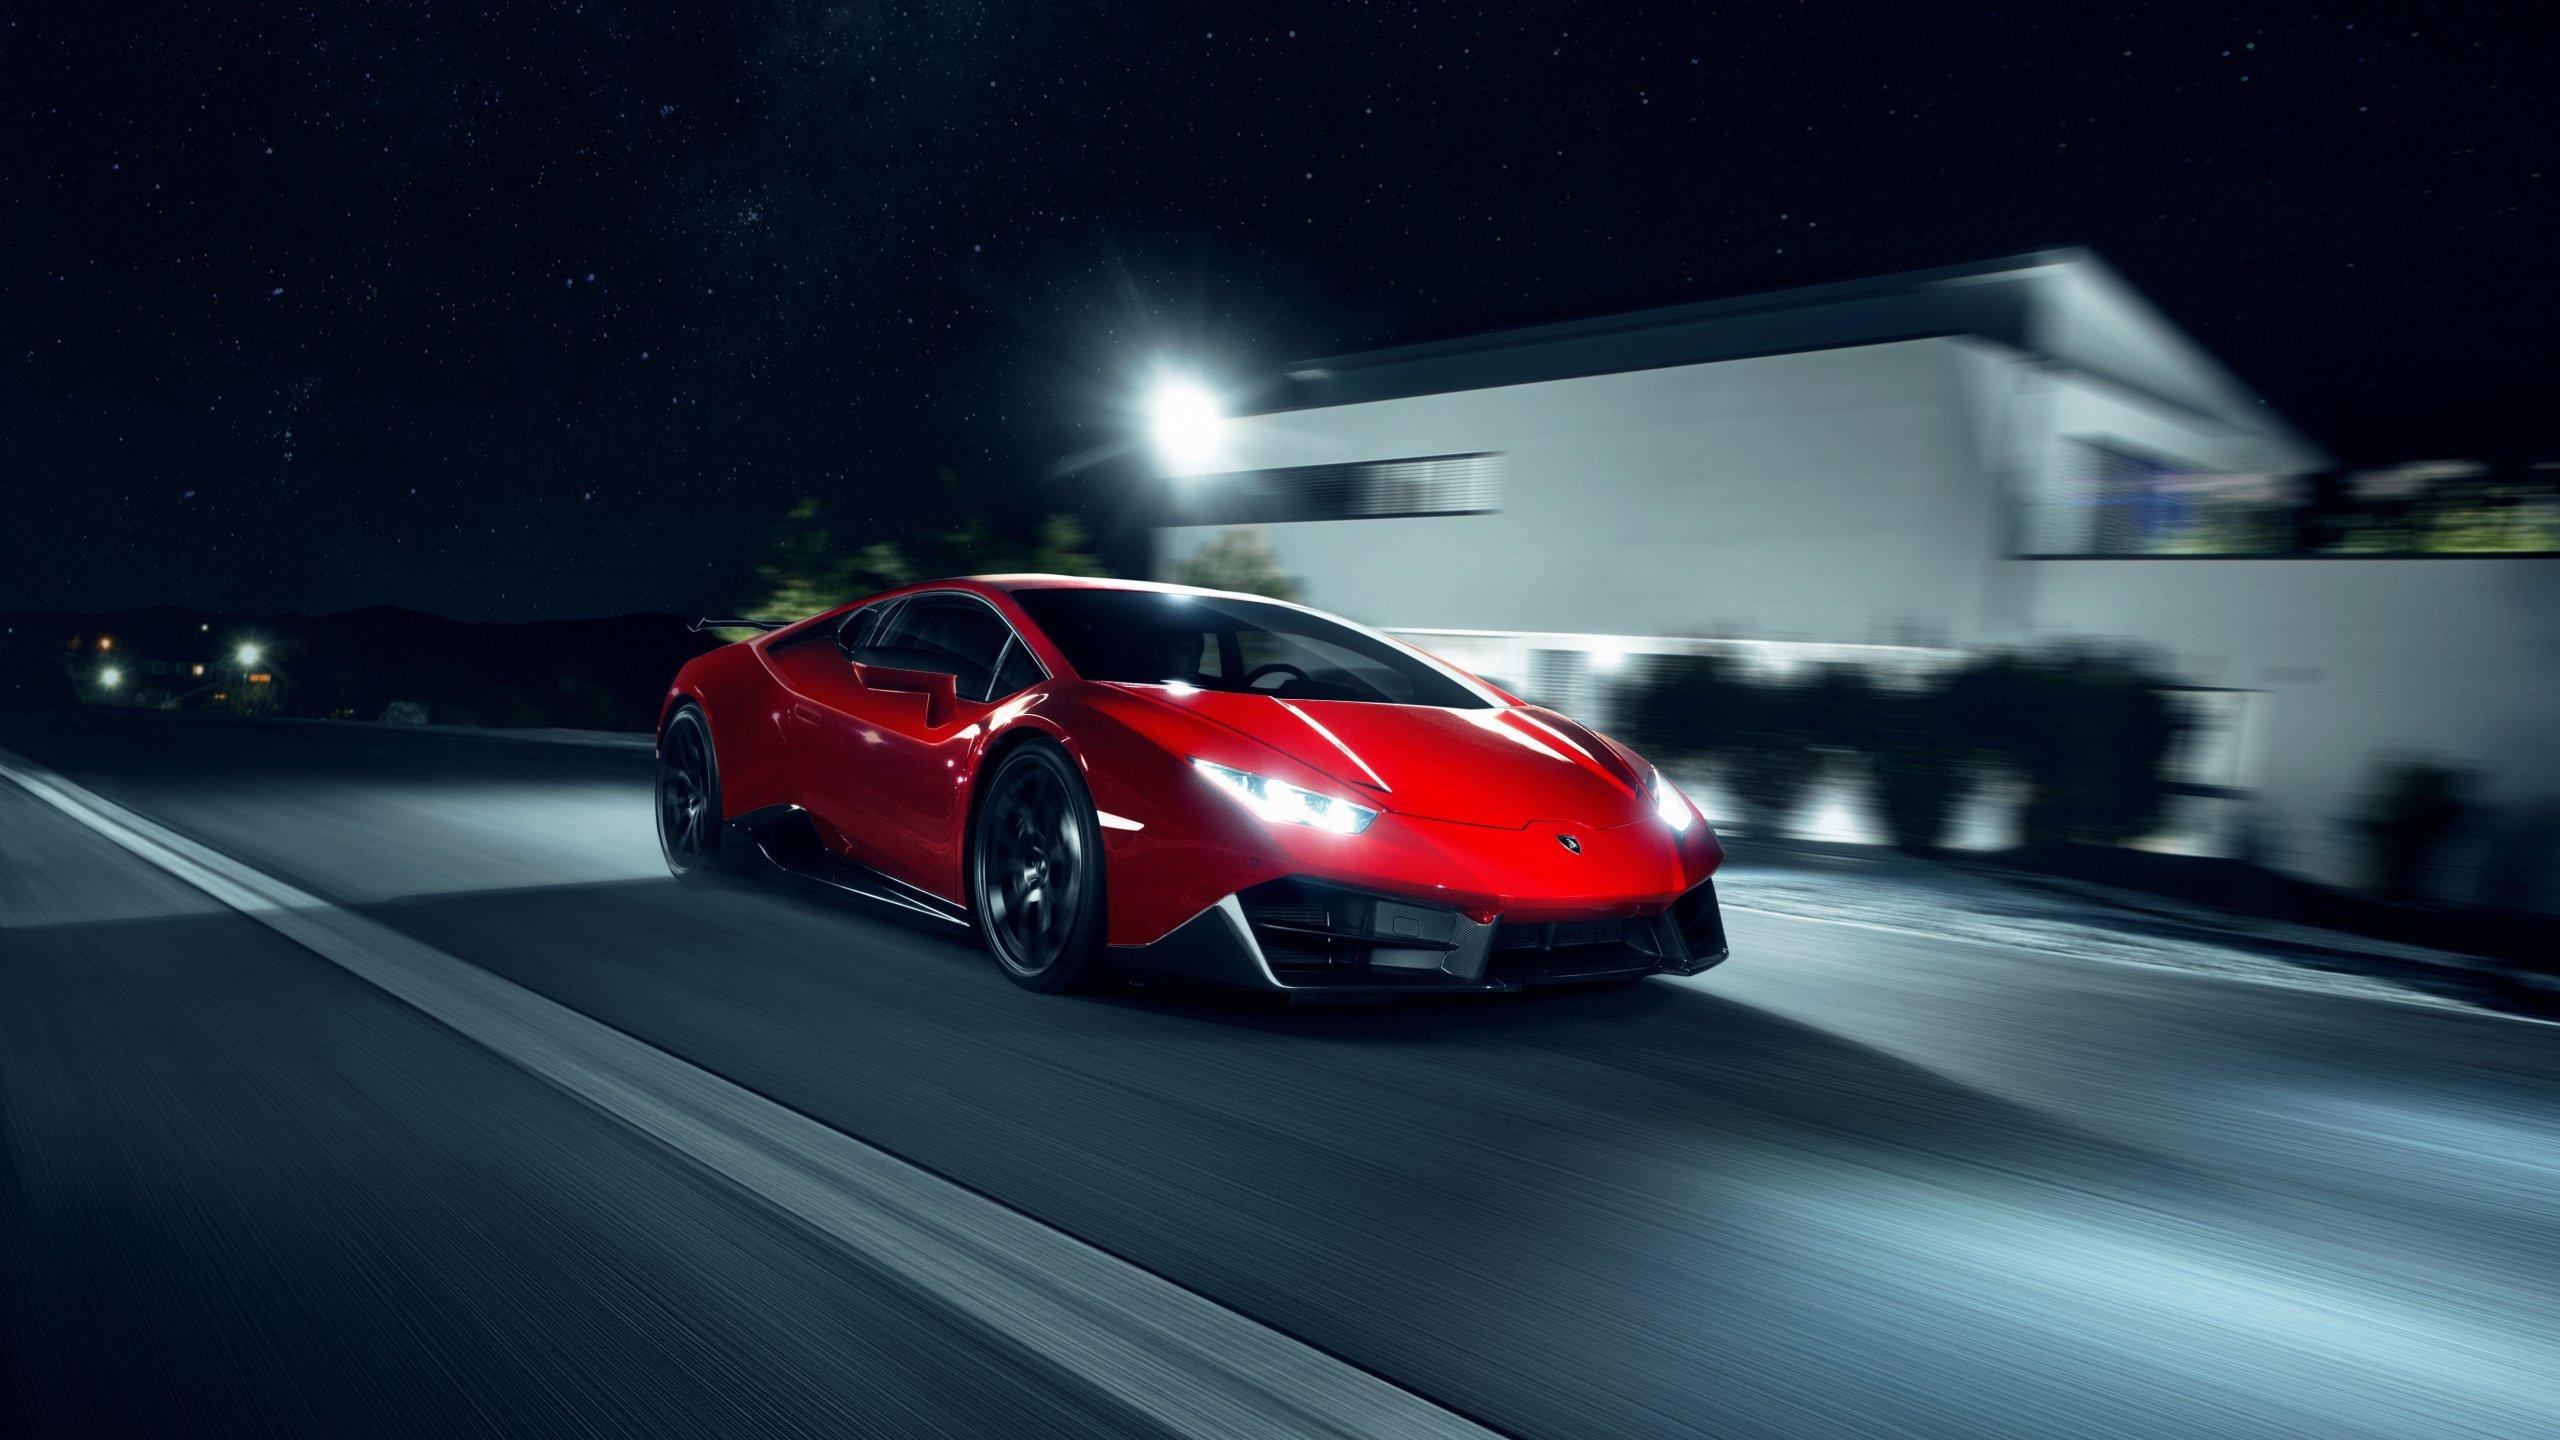 Lamborghini Huracán Hd Wallpaper